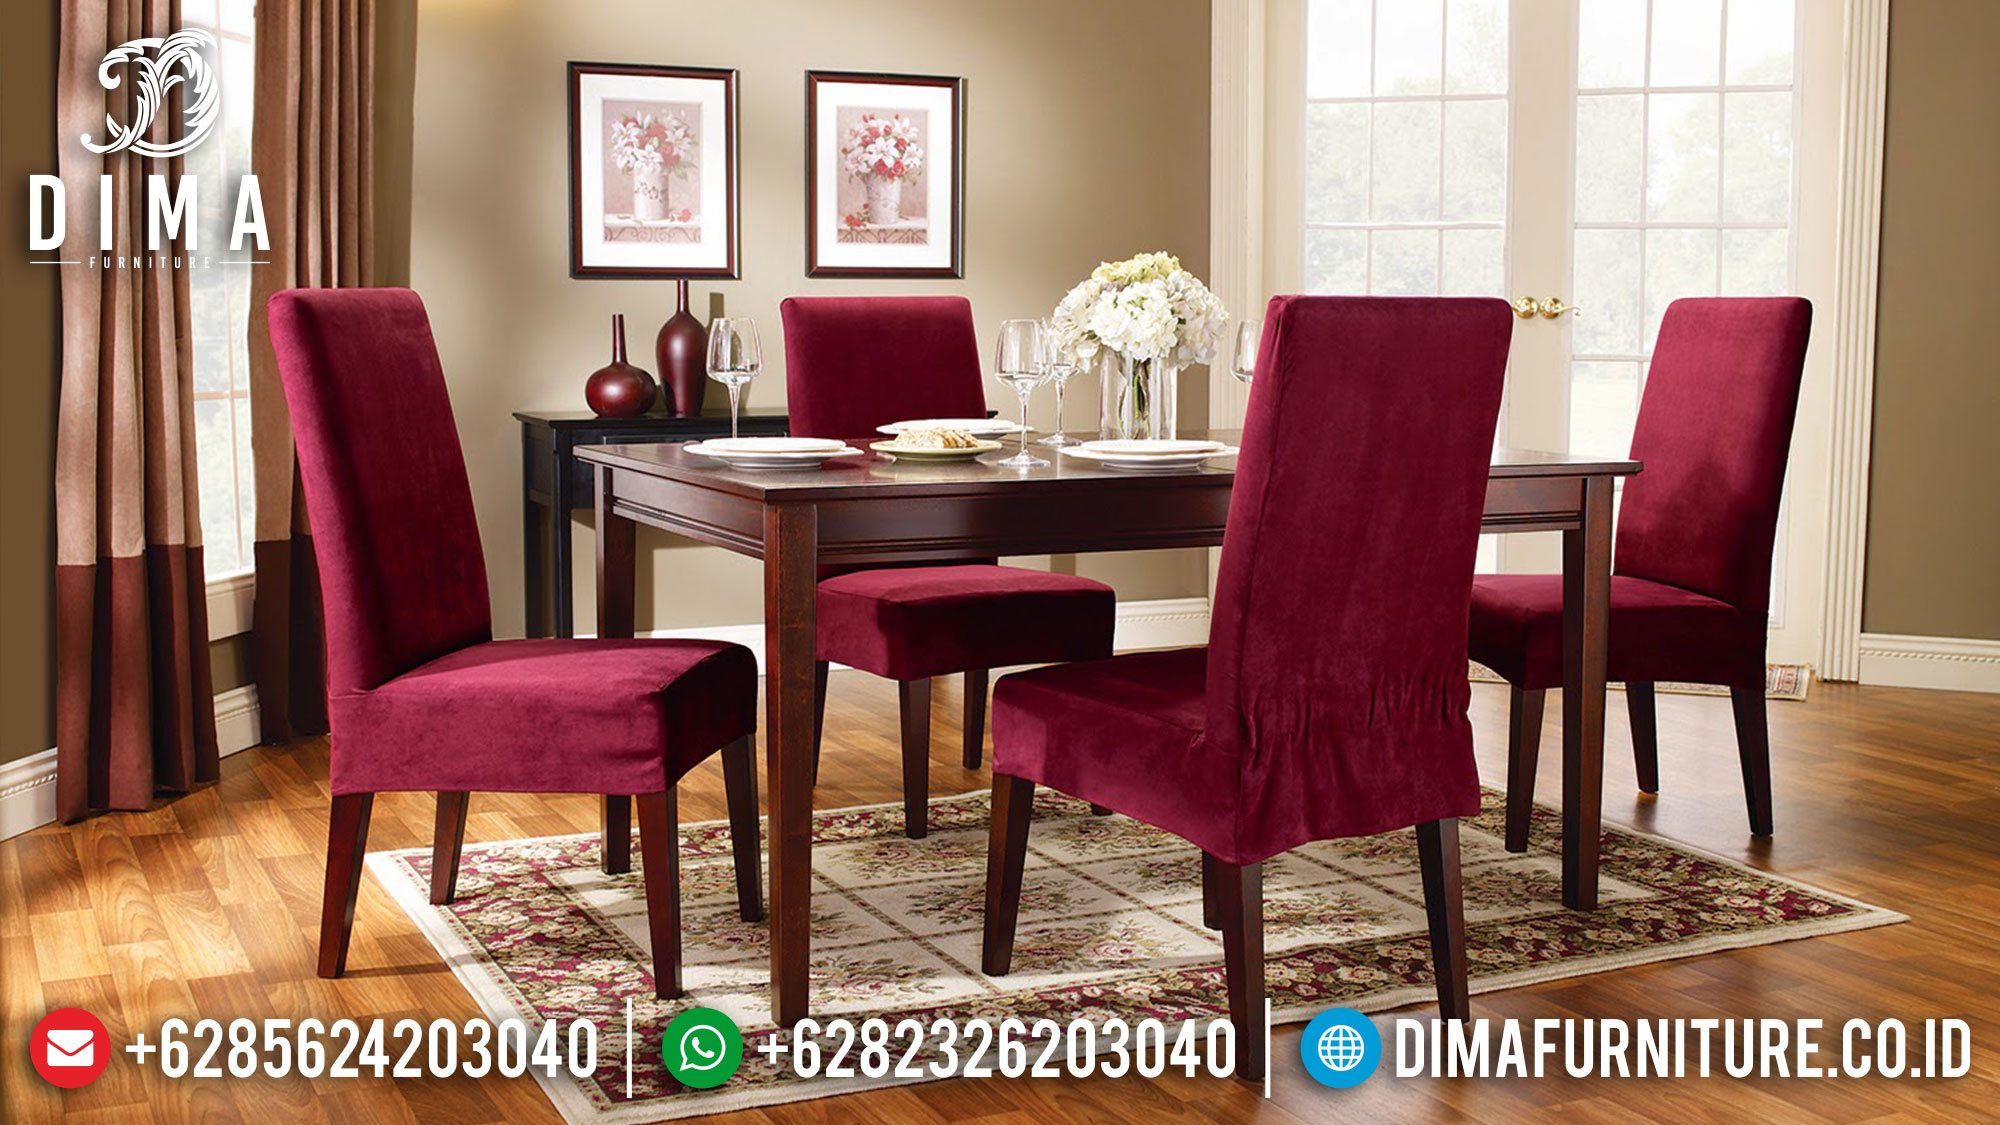 Harga Meja Makan Minimalis Jepara Elegant Simple Design Natural Jati TTJ-1700